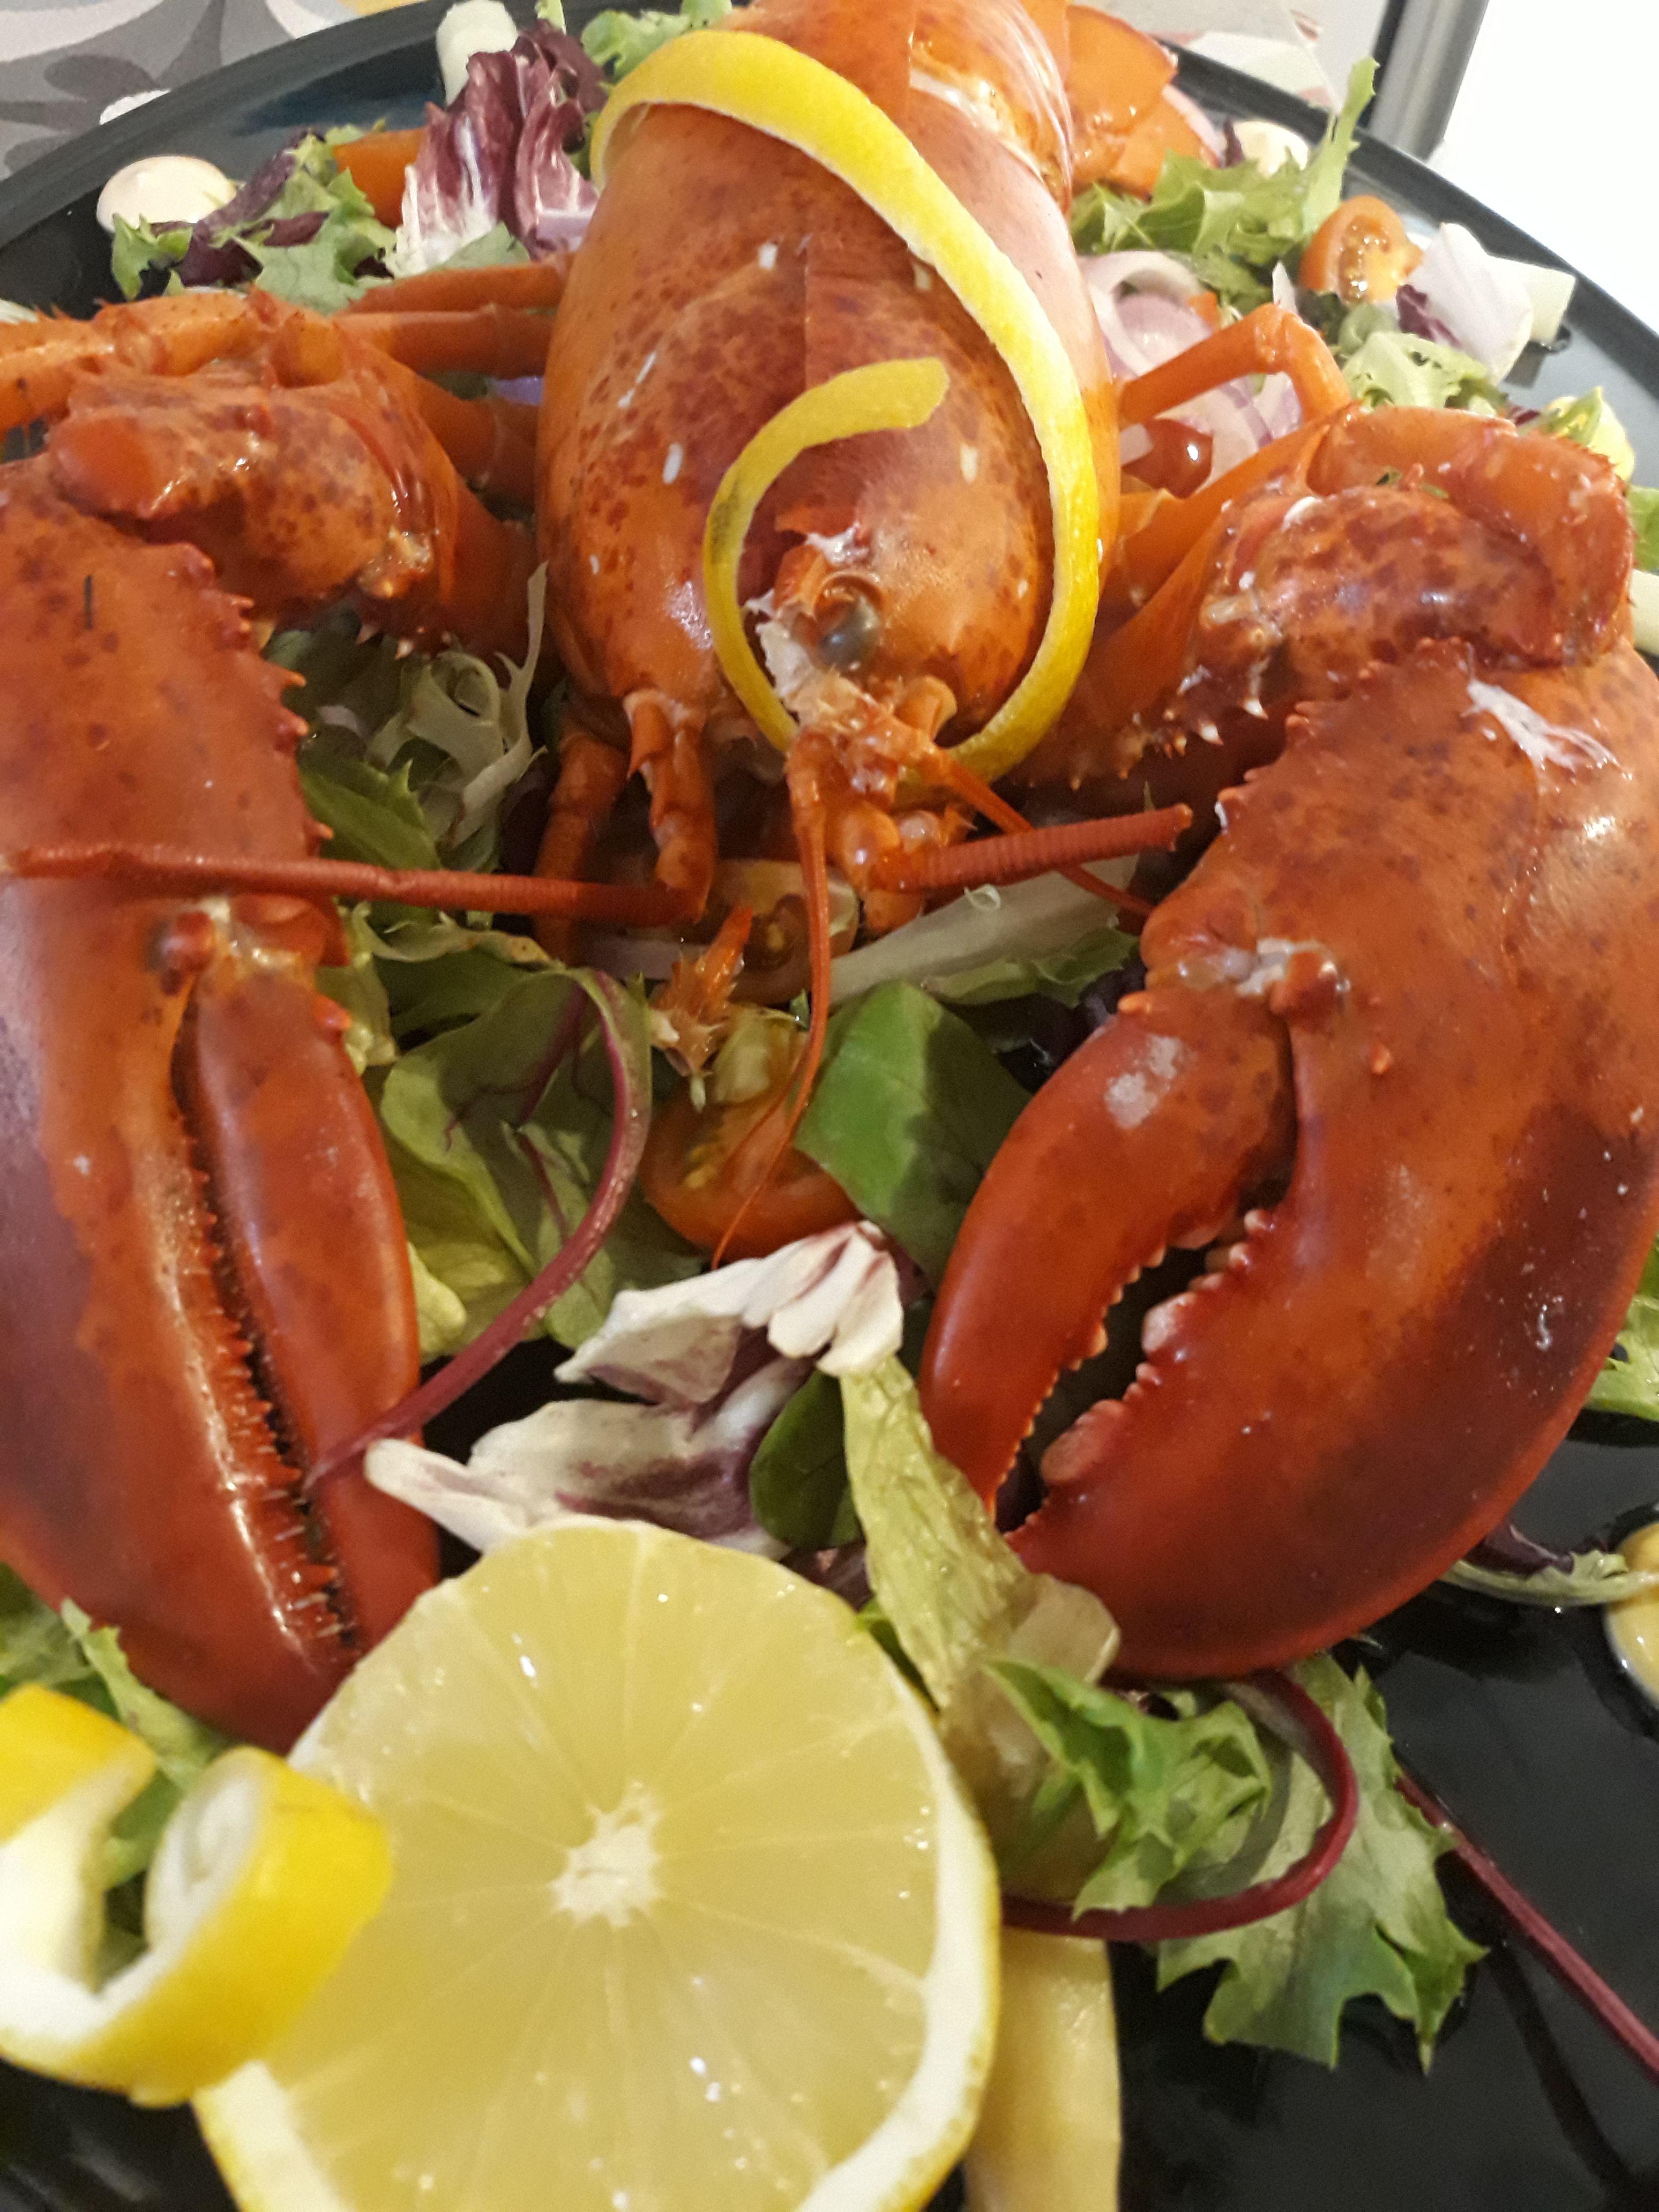 Pescados y mariscos: Carta de Marlin Restaurant